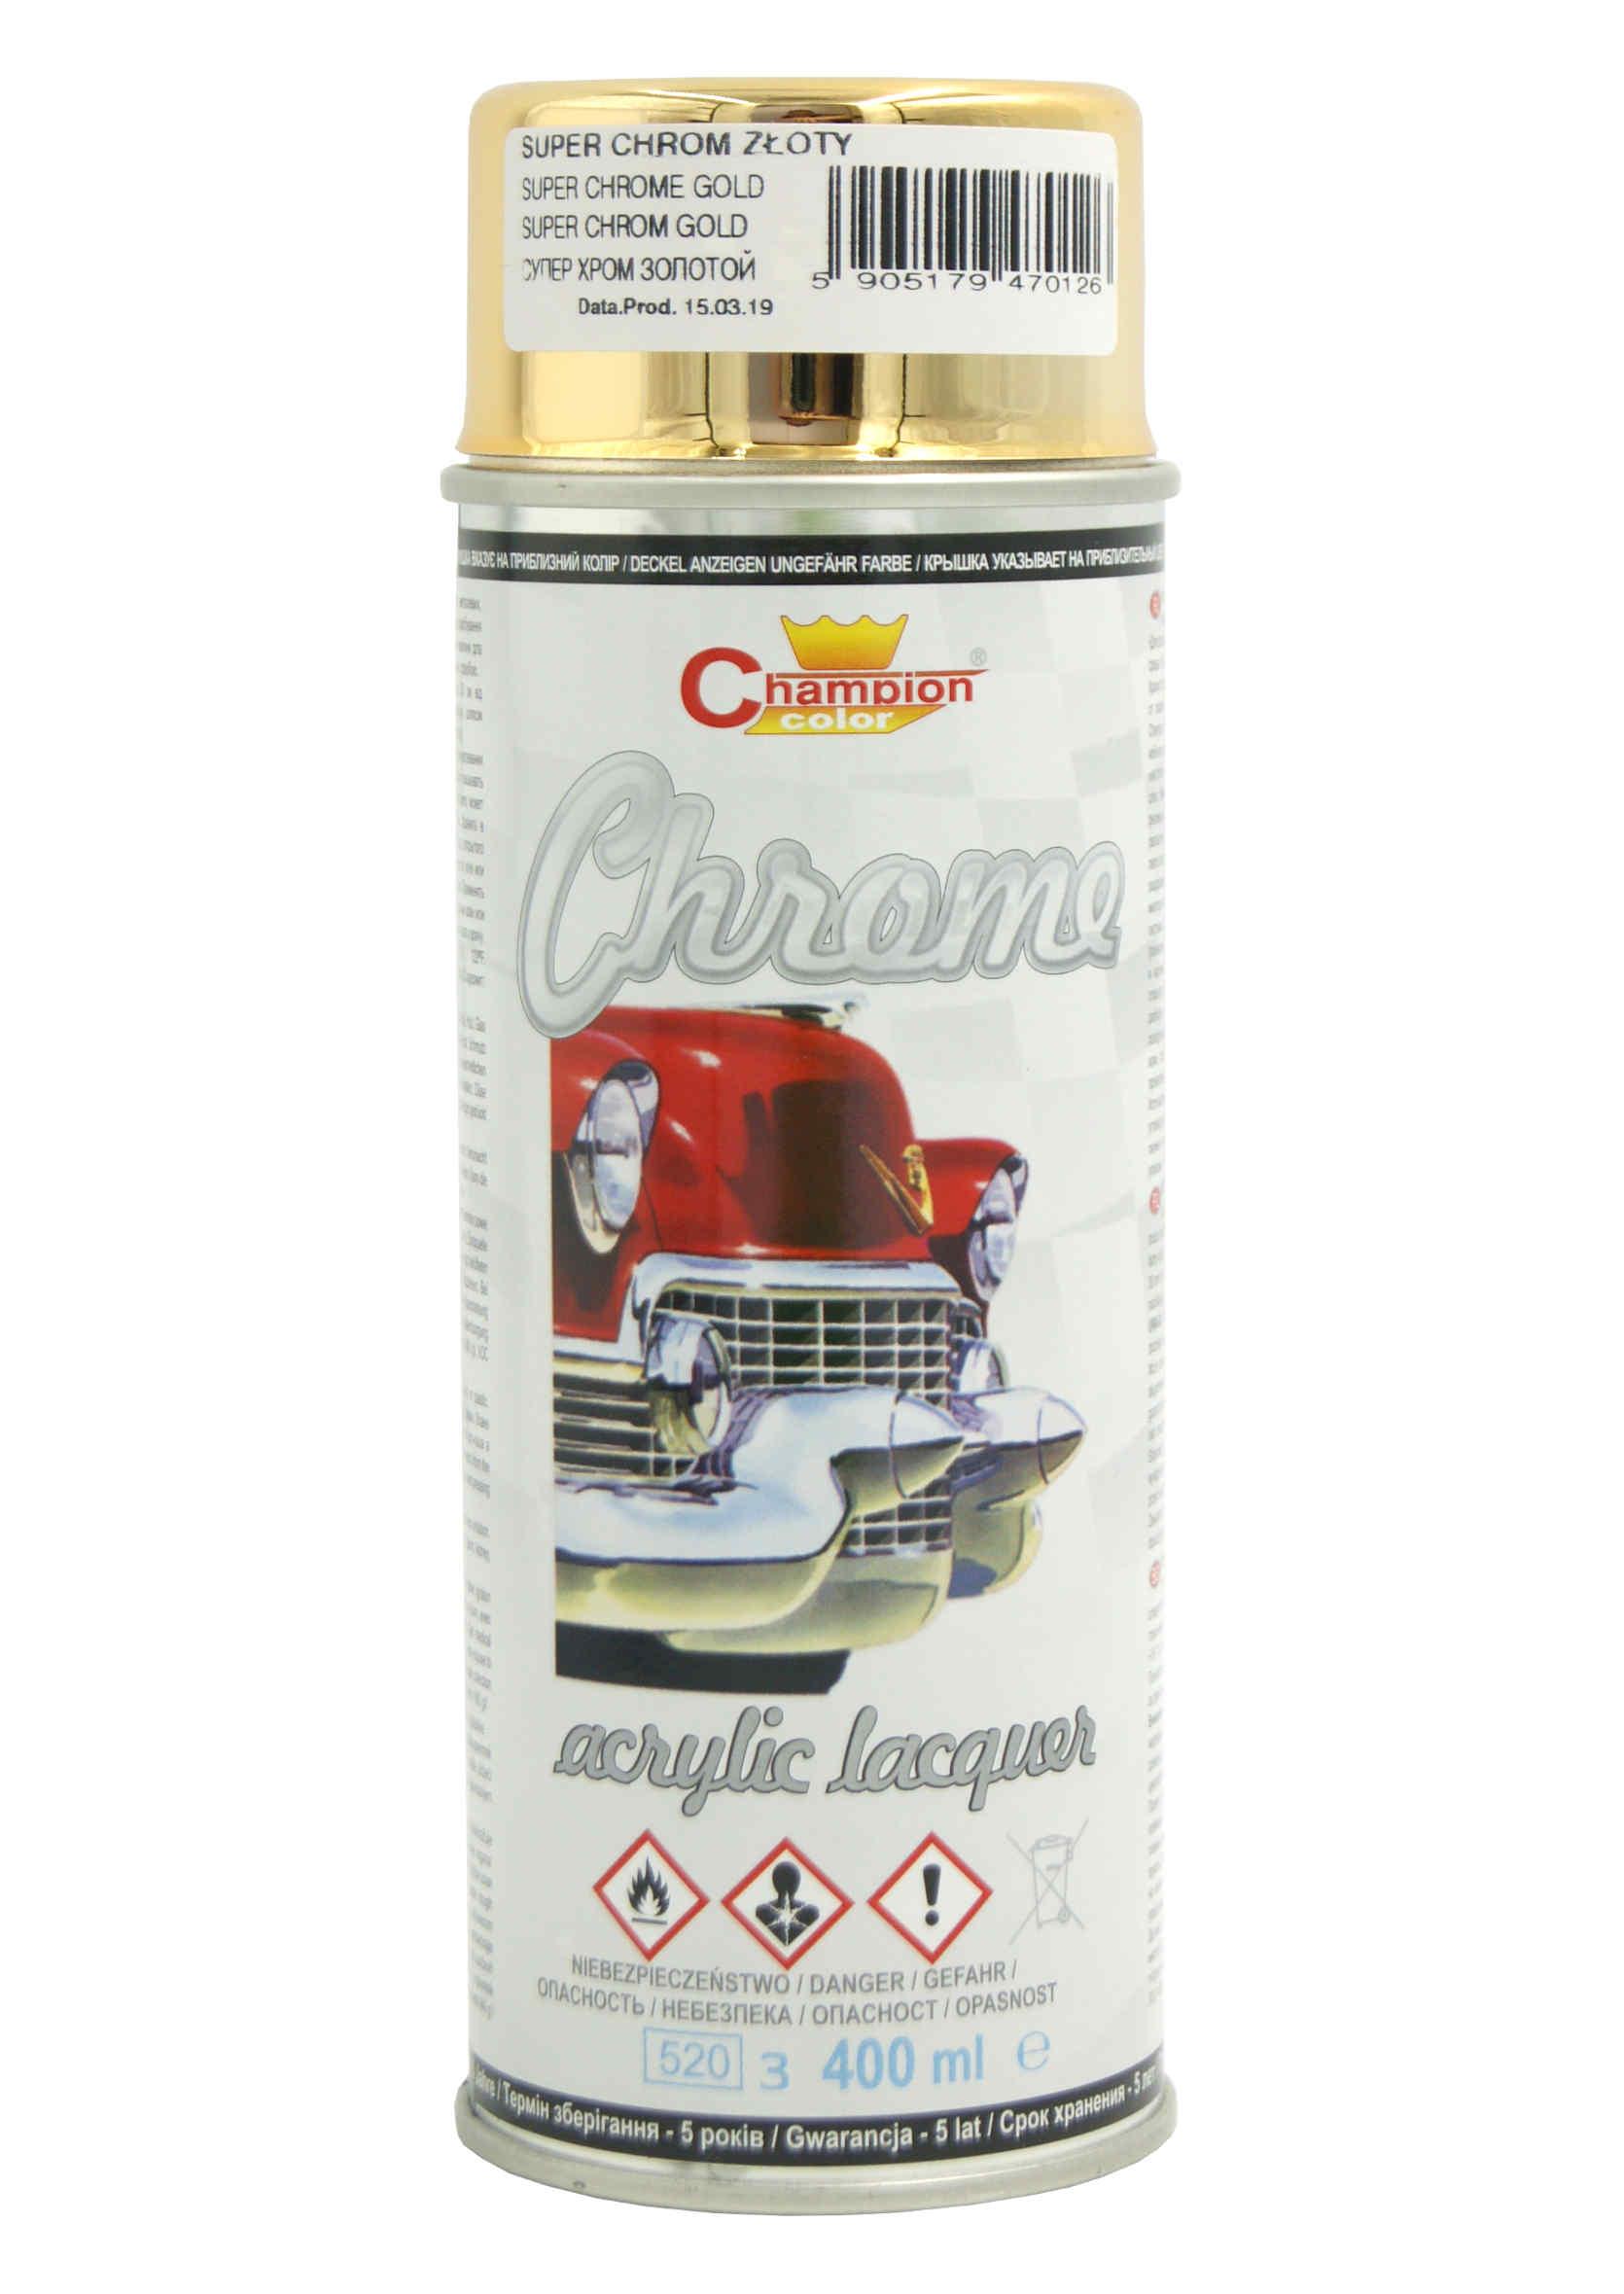 Ozdobny Lakier Akrylowy Złoty Super Chrome do malowania felg w sprayu 400ml Champion